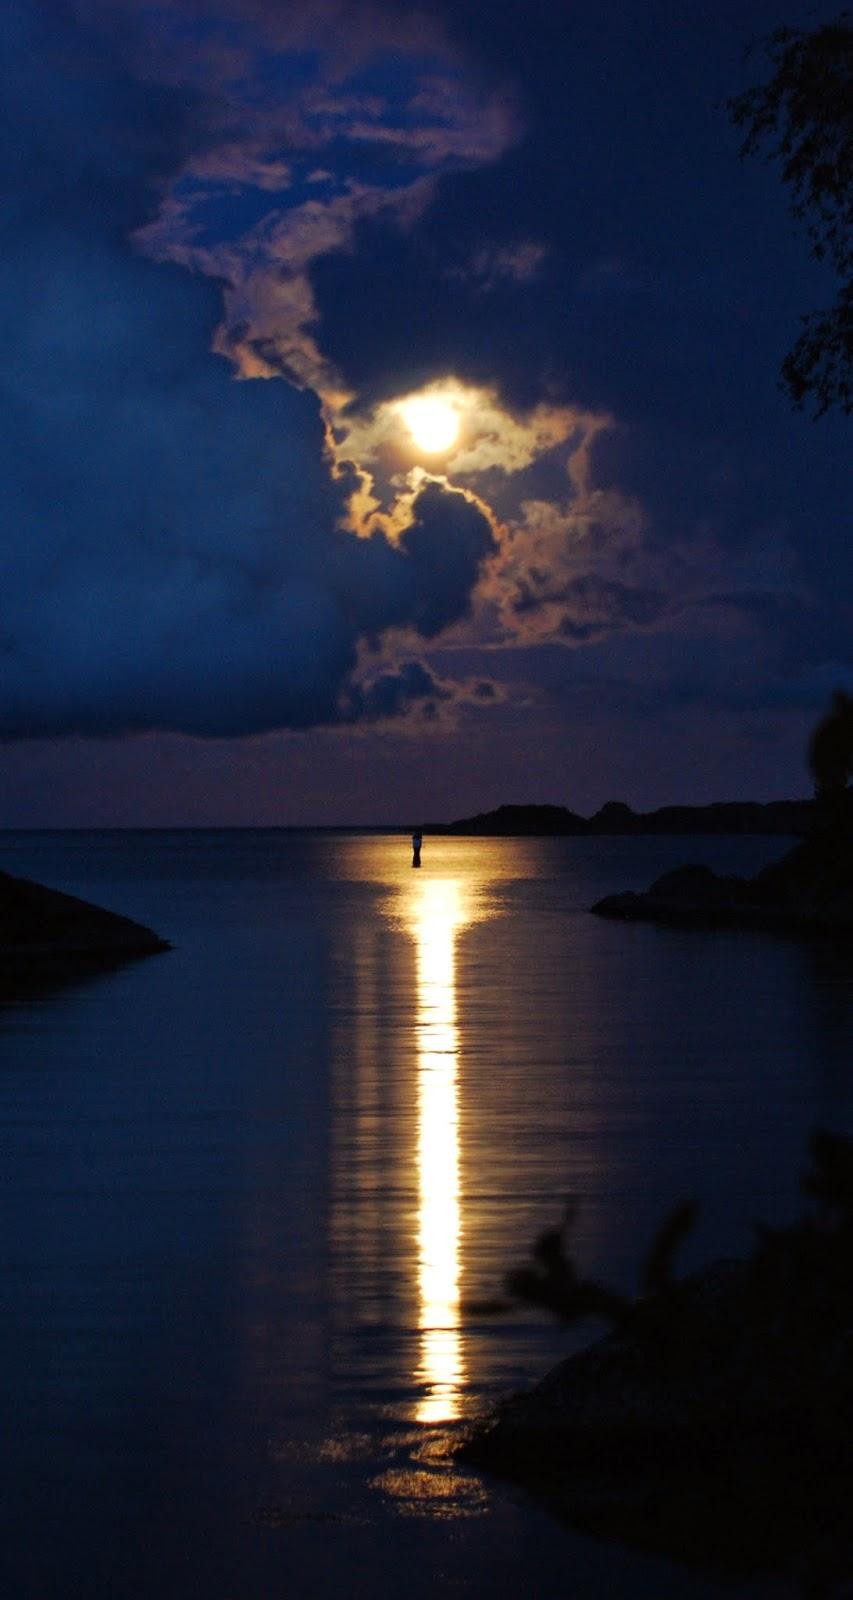 skogsky moonlight image